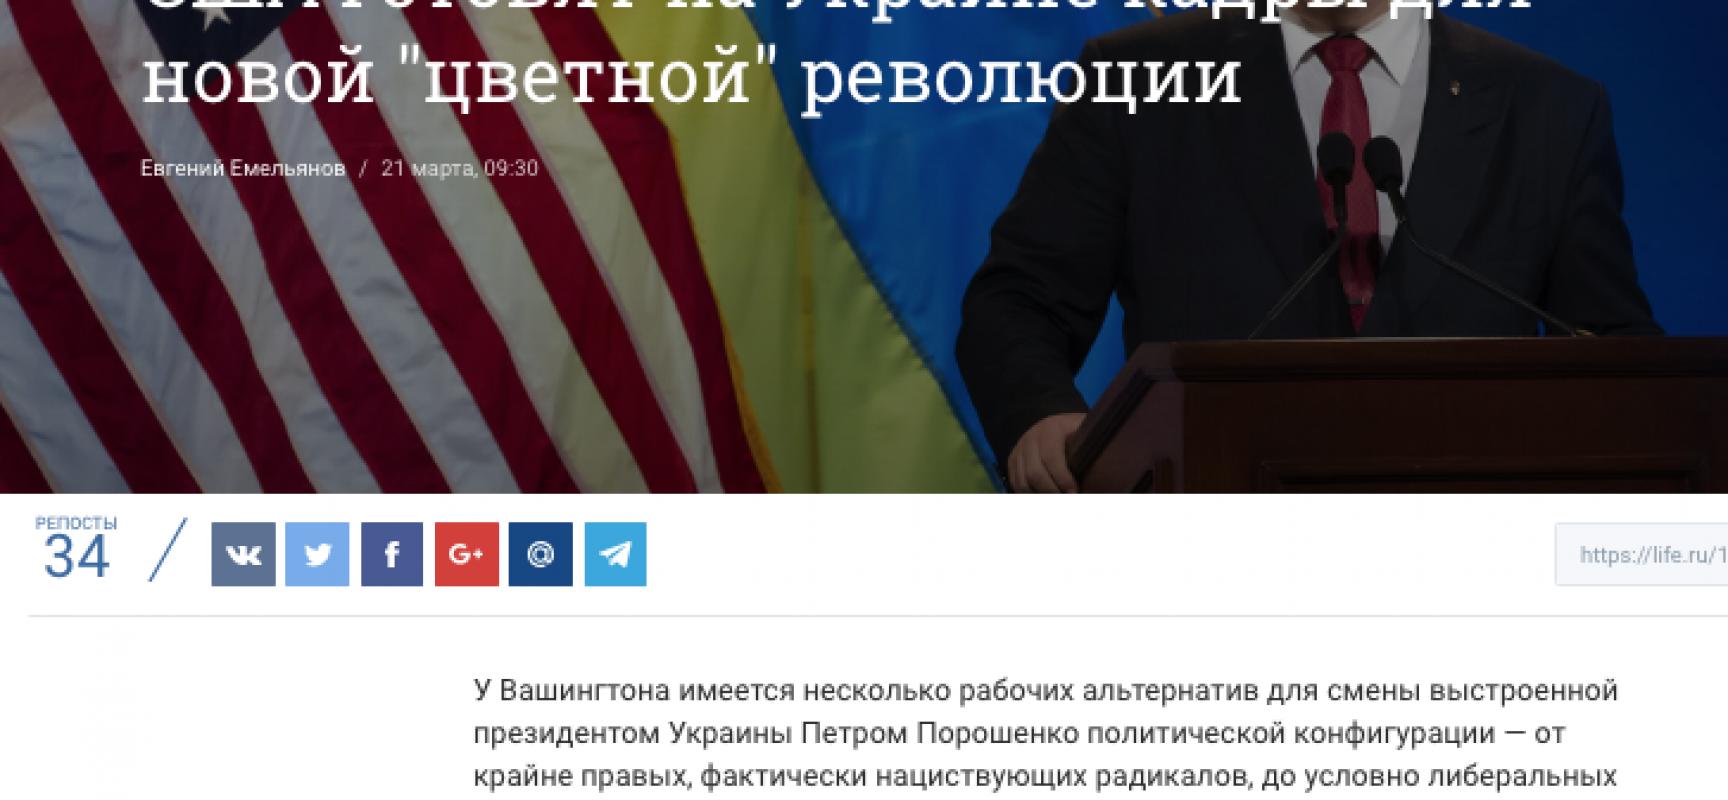 """Fake: Gli Stati Uniti stanno preparando il personale per una nuova rivoluzione """"colorata"""" in Ucraina"""